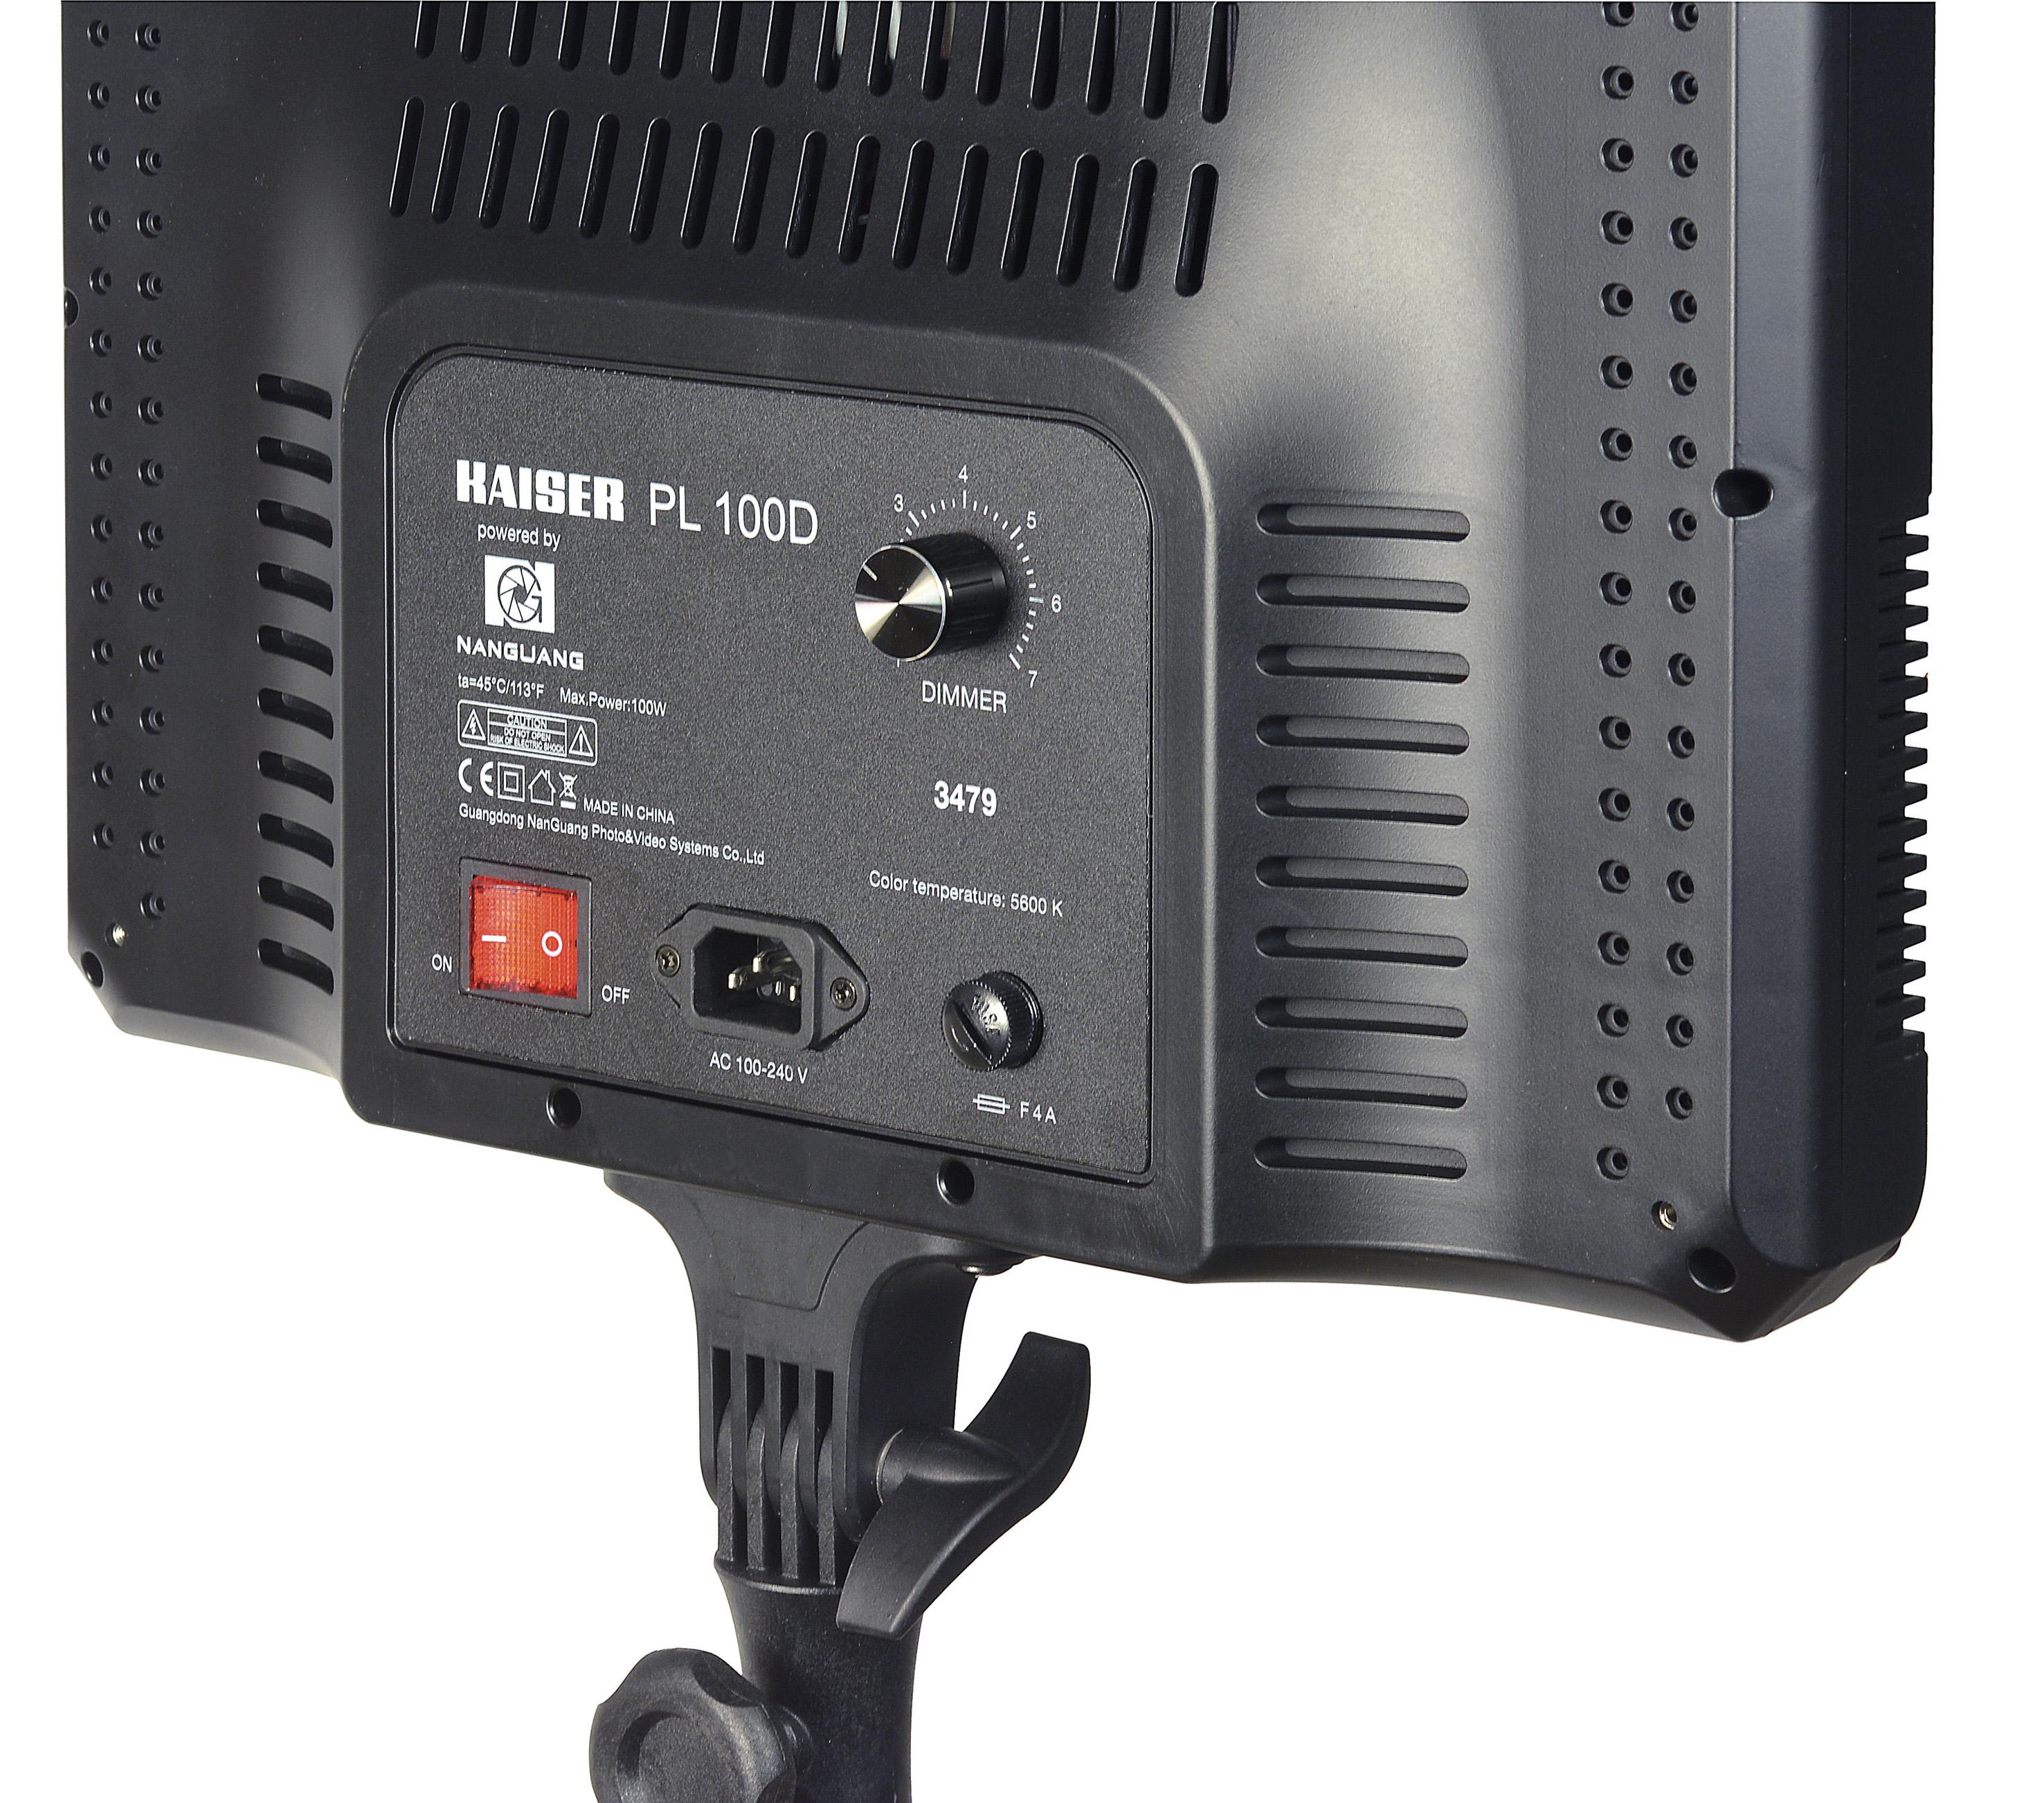 KAISER LED-Flächenleuchte PL 100D, 5600K, Leuchtfläche 36x51cm